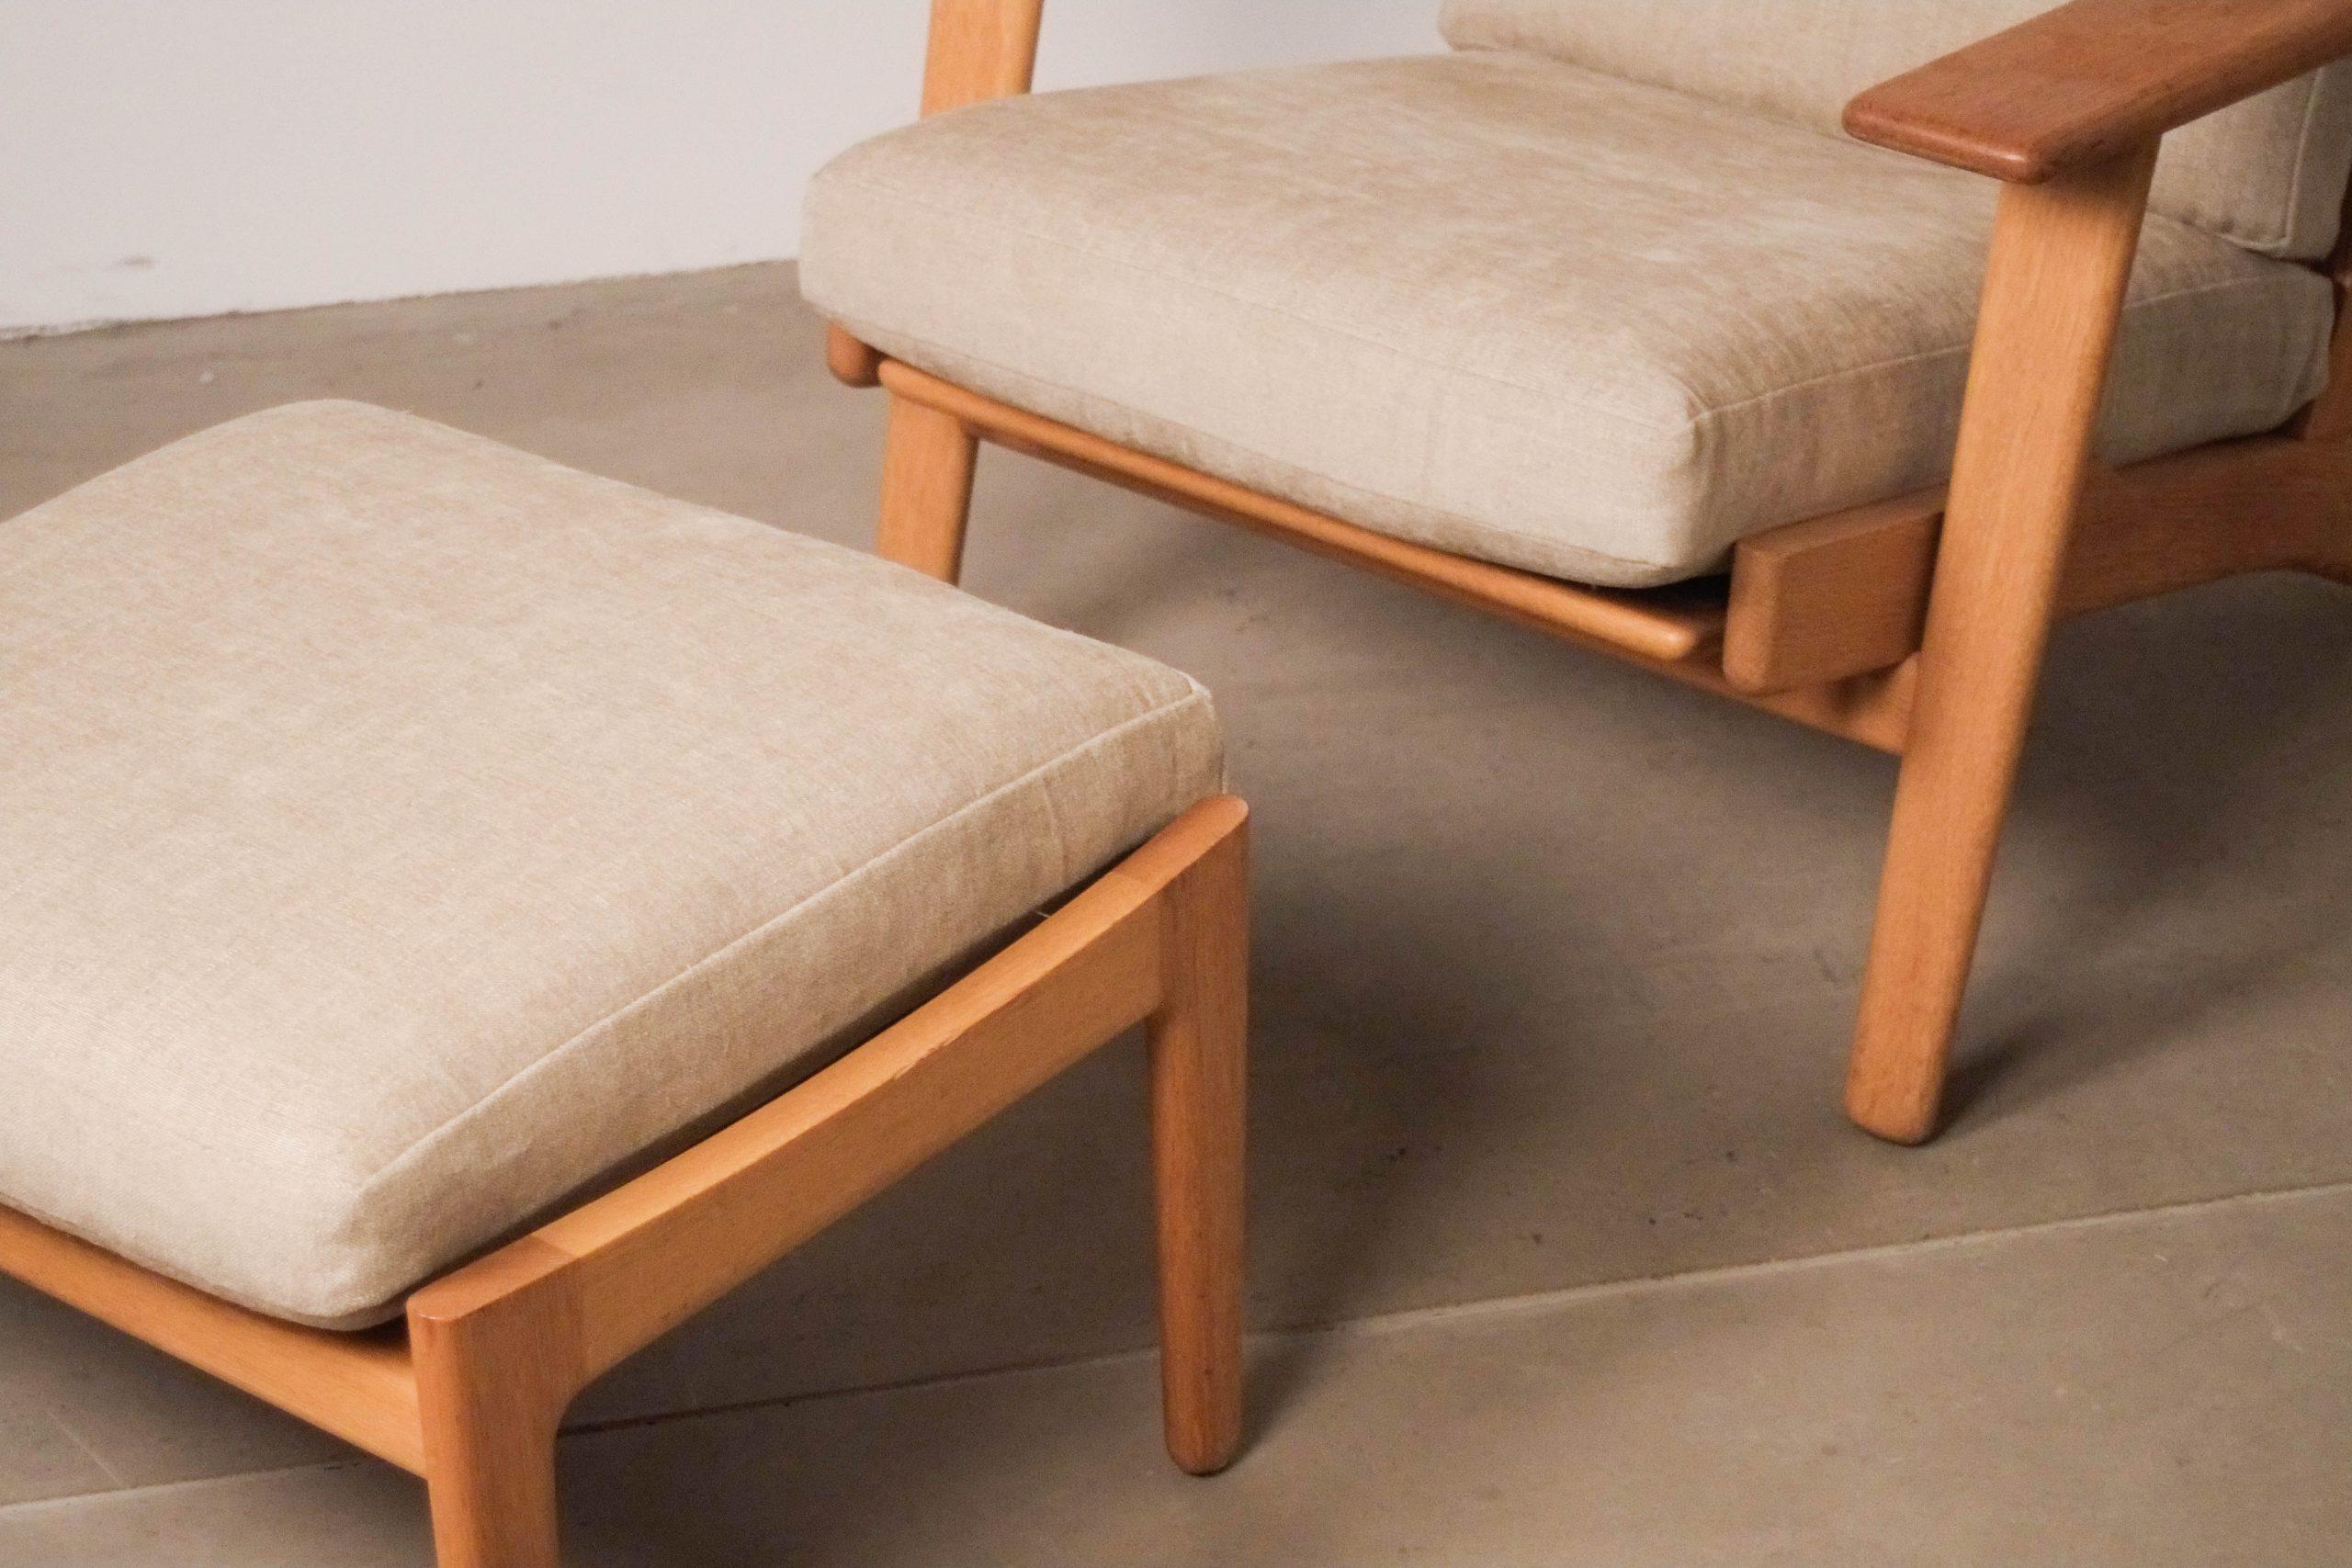 butaca con reposapies comoda lounge de diseño nordica escandinava madera maciza